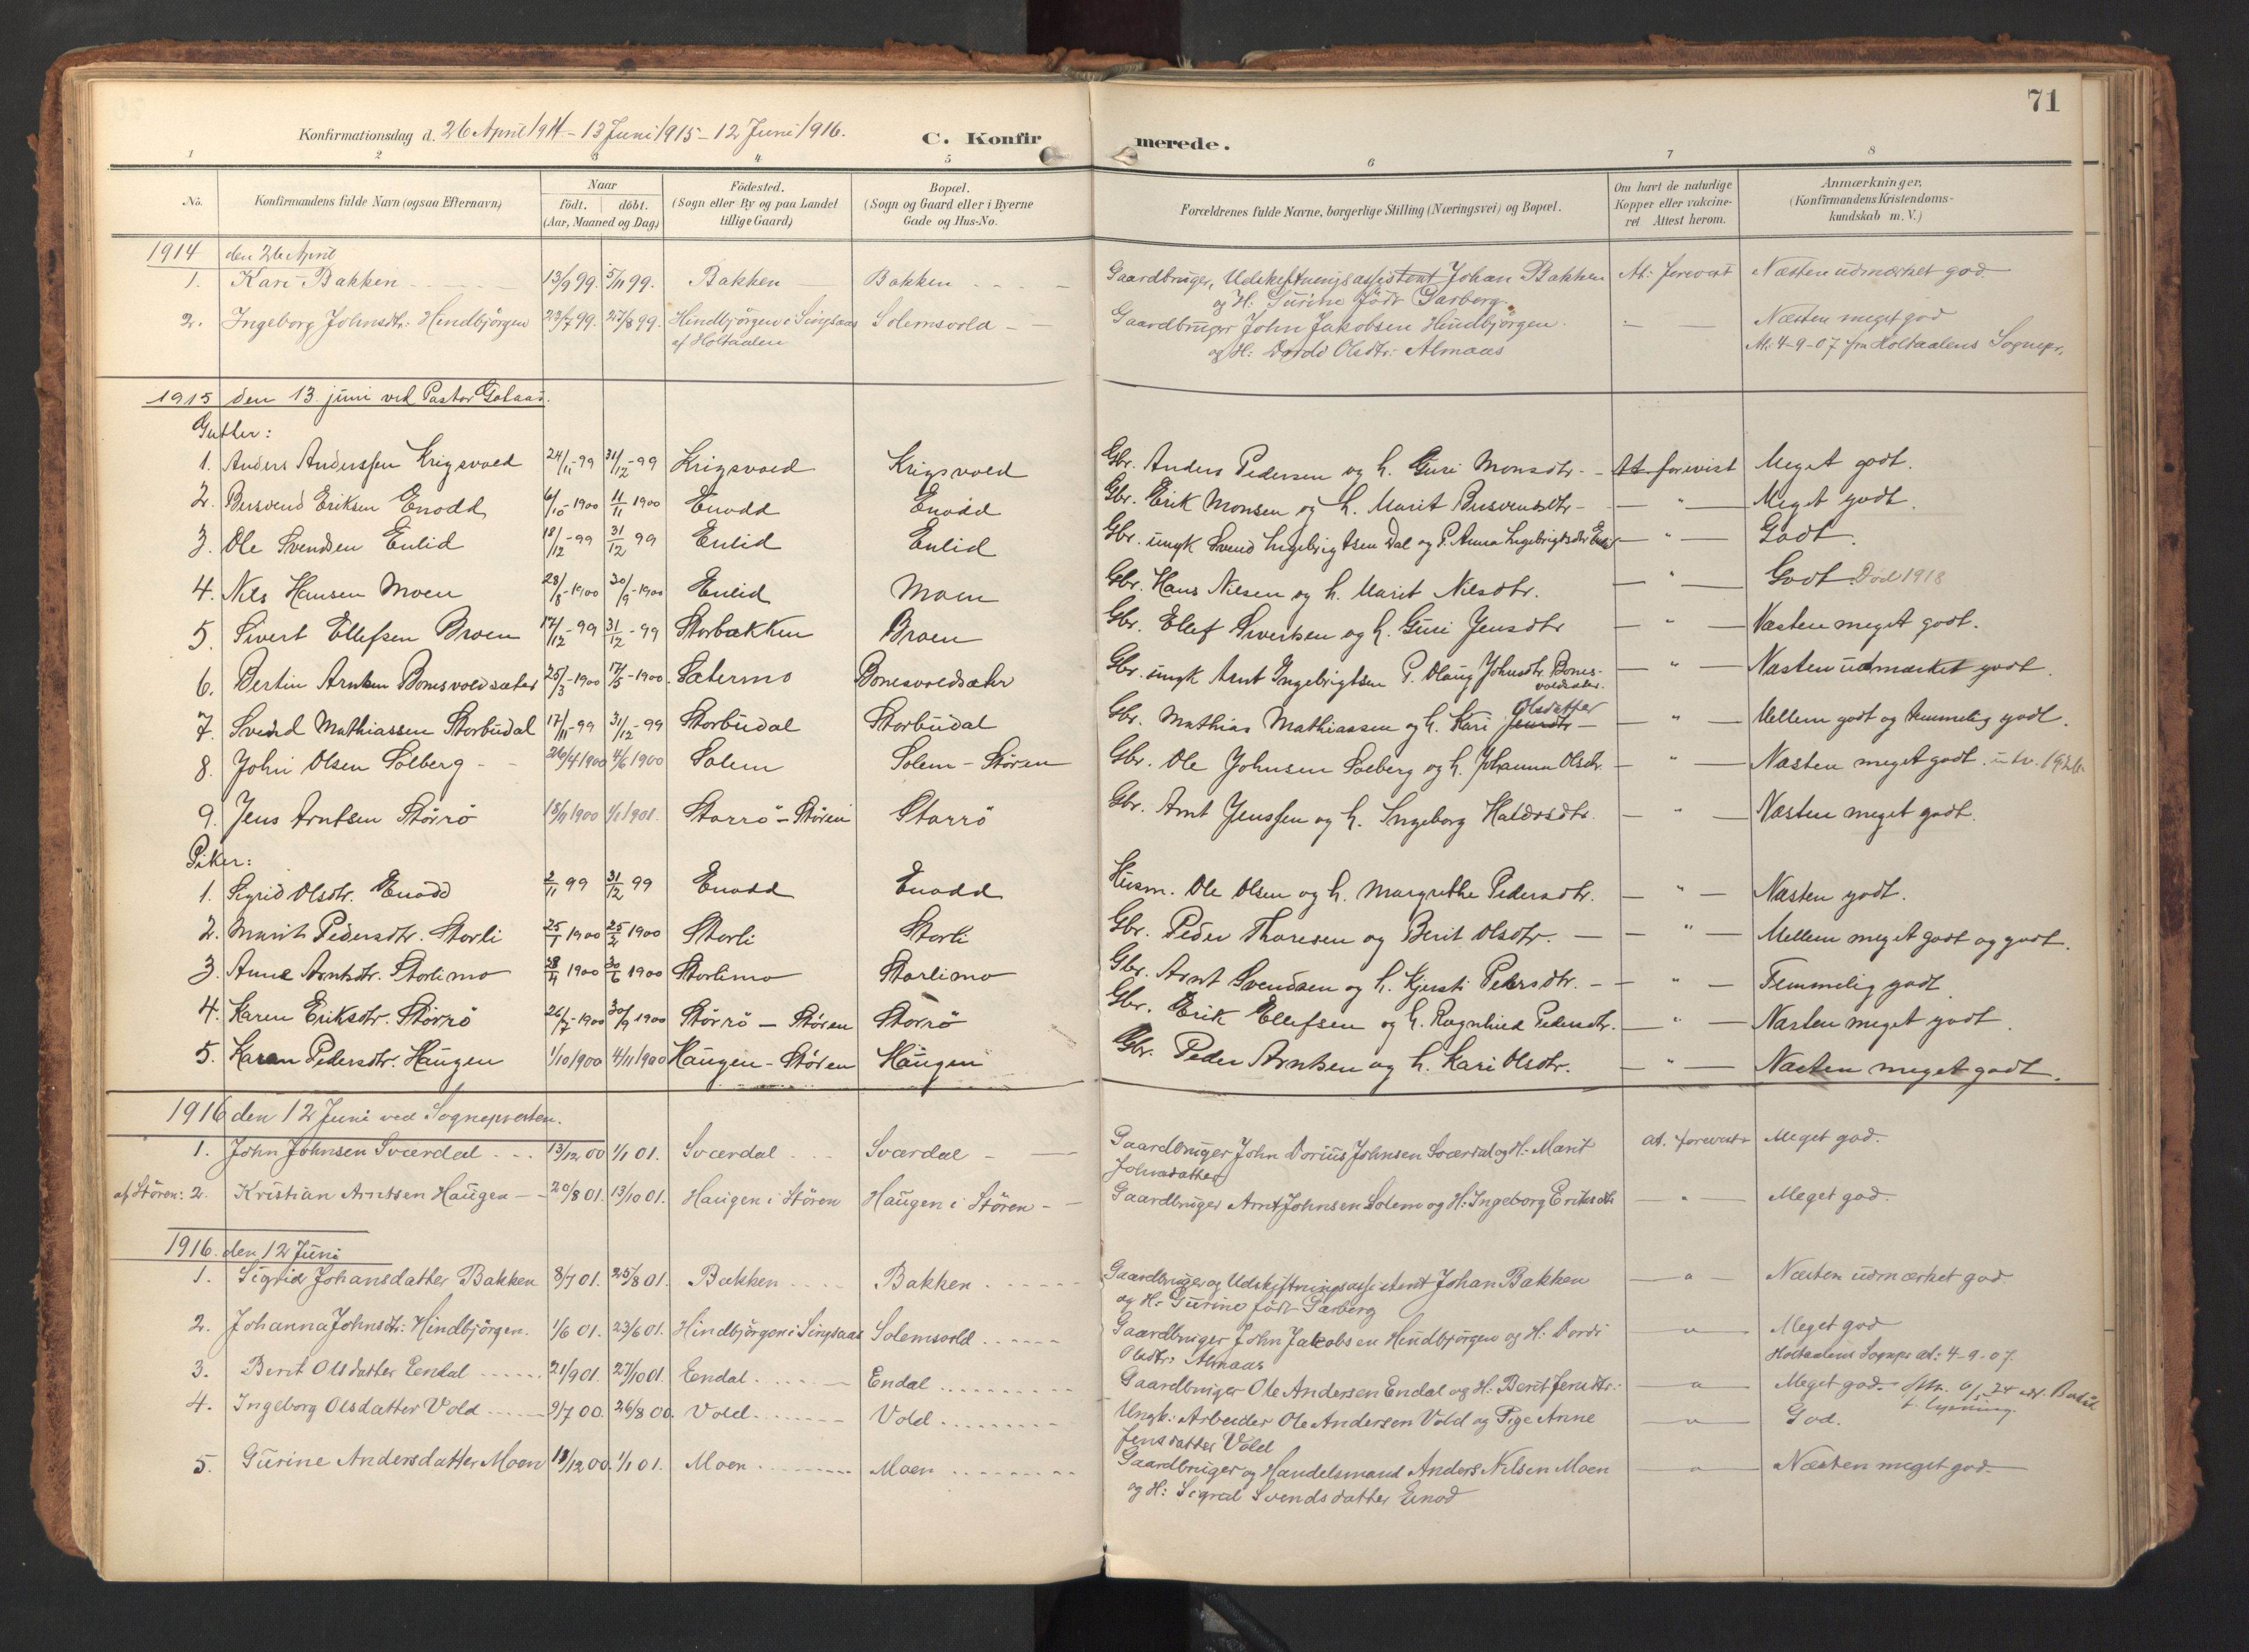 SAT, Ministerialprotokoller, klokkerbøker og fødselsregistre - Sør-Trøndelag, 690/L1050: Ministerialbok nr. 690A01, 1889-1929, s. 71